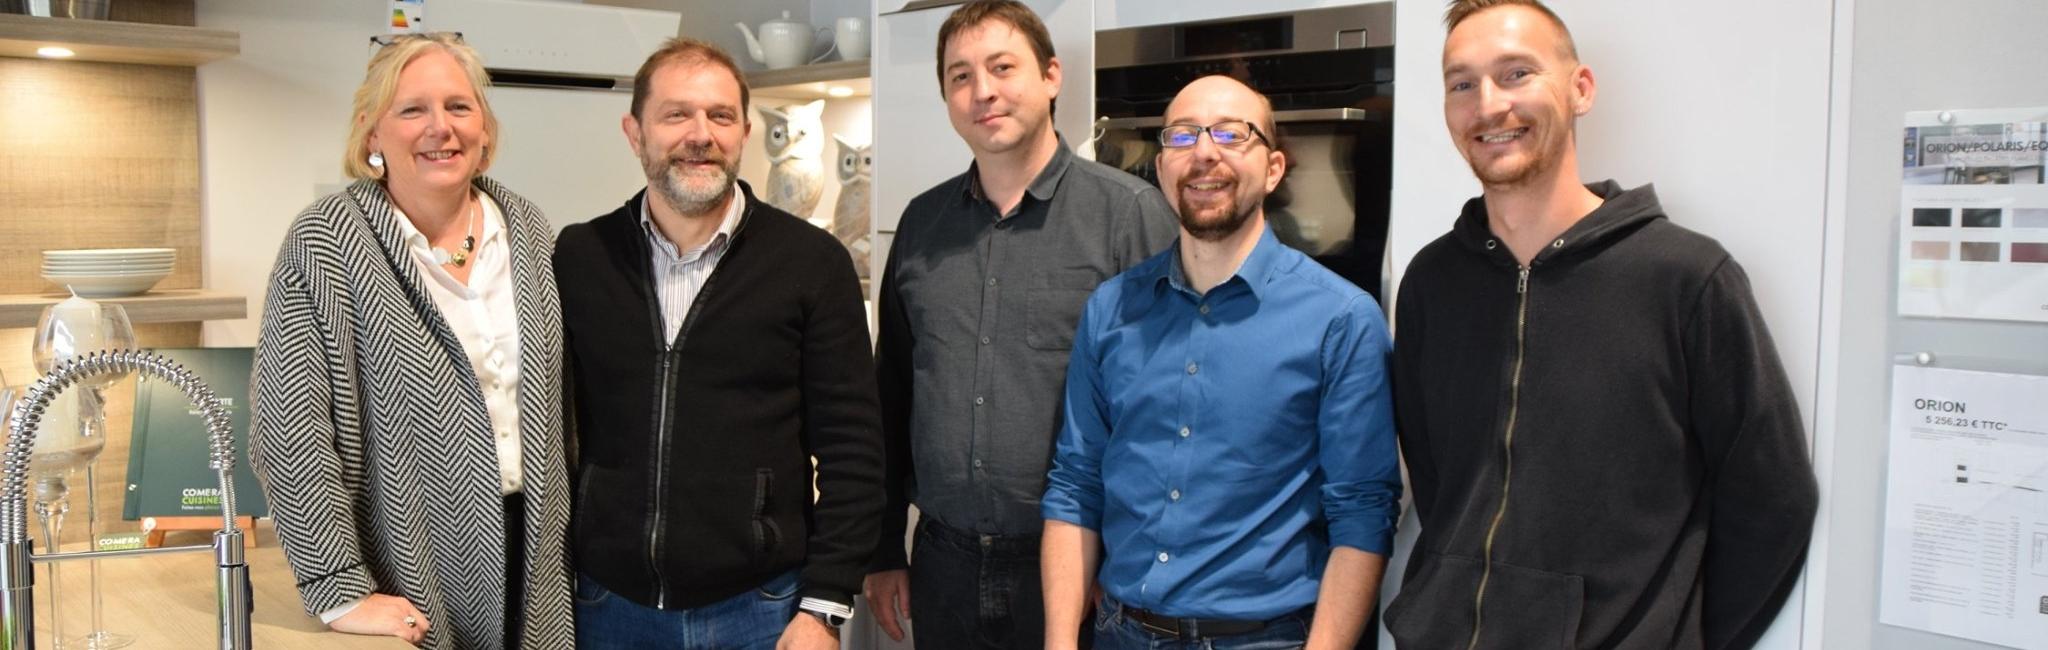 equipe-comera-cuisines-dieppe